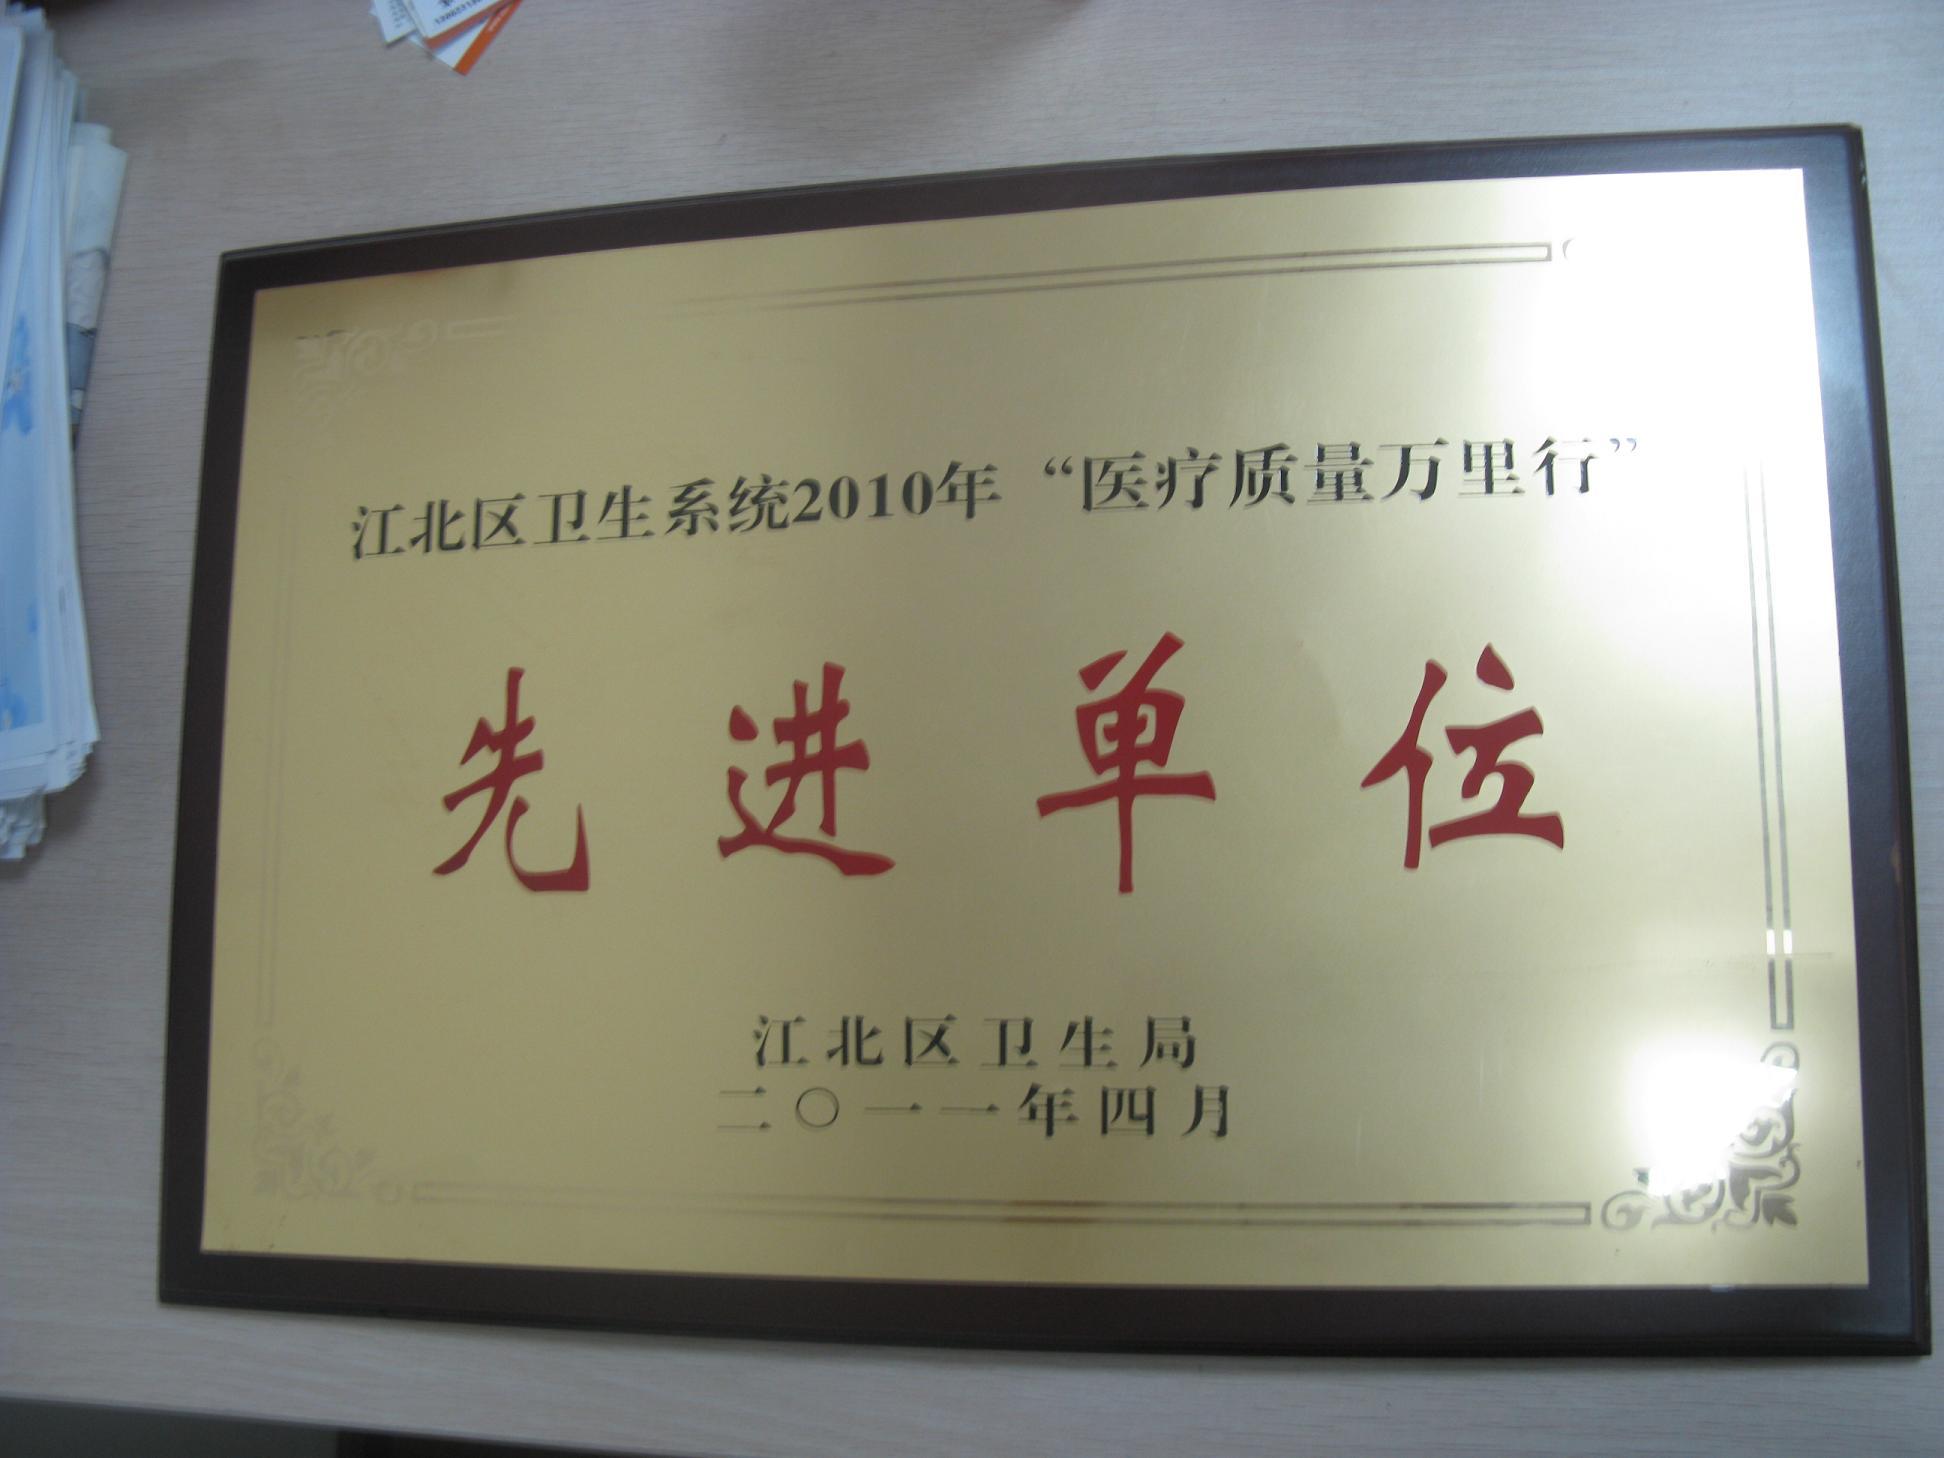 先进单位-重庆爱尔眼科医院